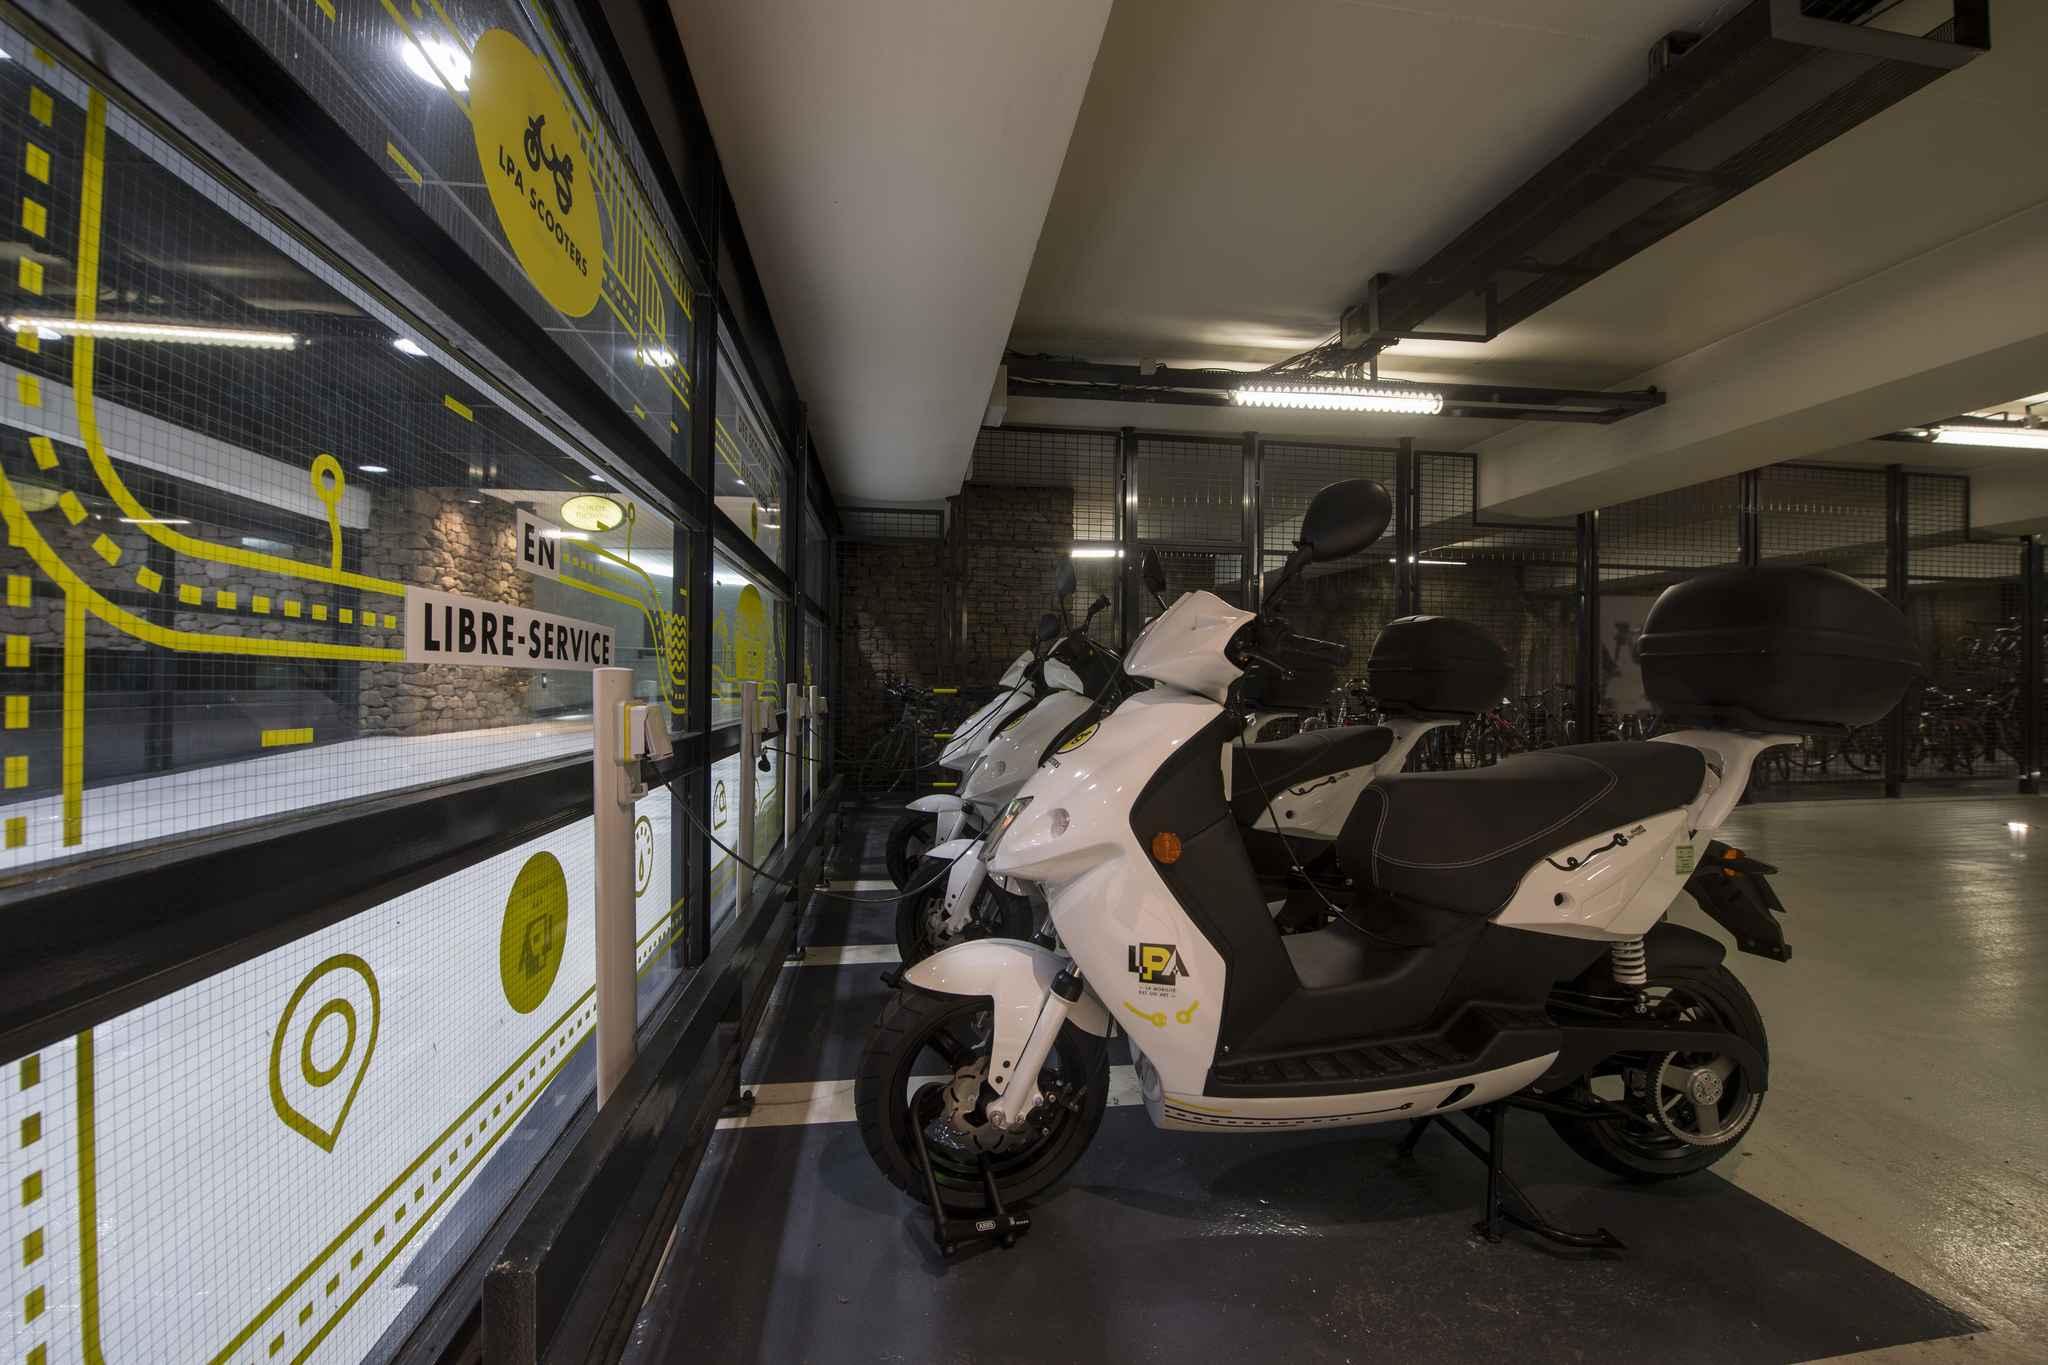 lyon les scooters lectriques en libre service d barquent ce vendredi. Black Bedroom Furniture Sets. Home Design Ideas